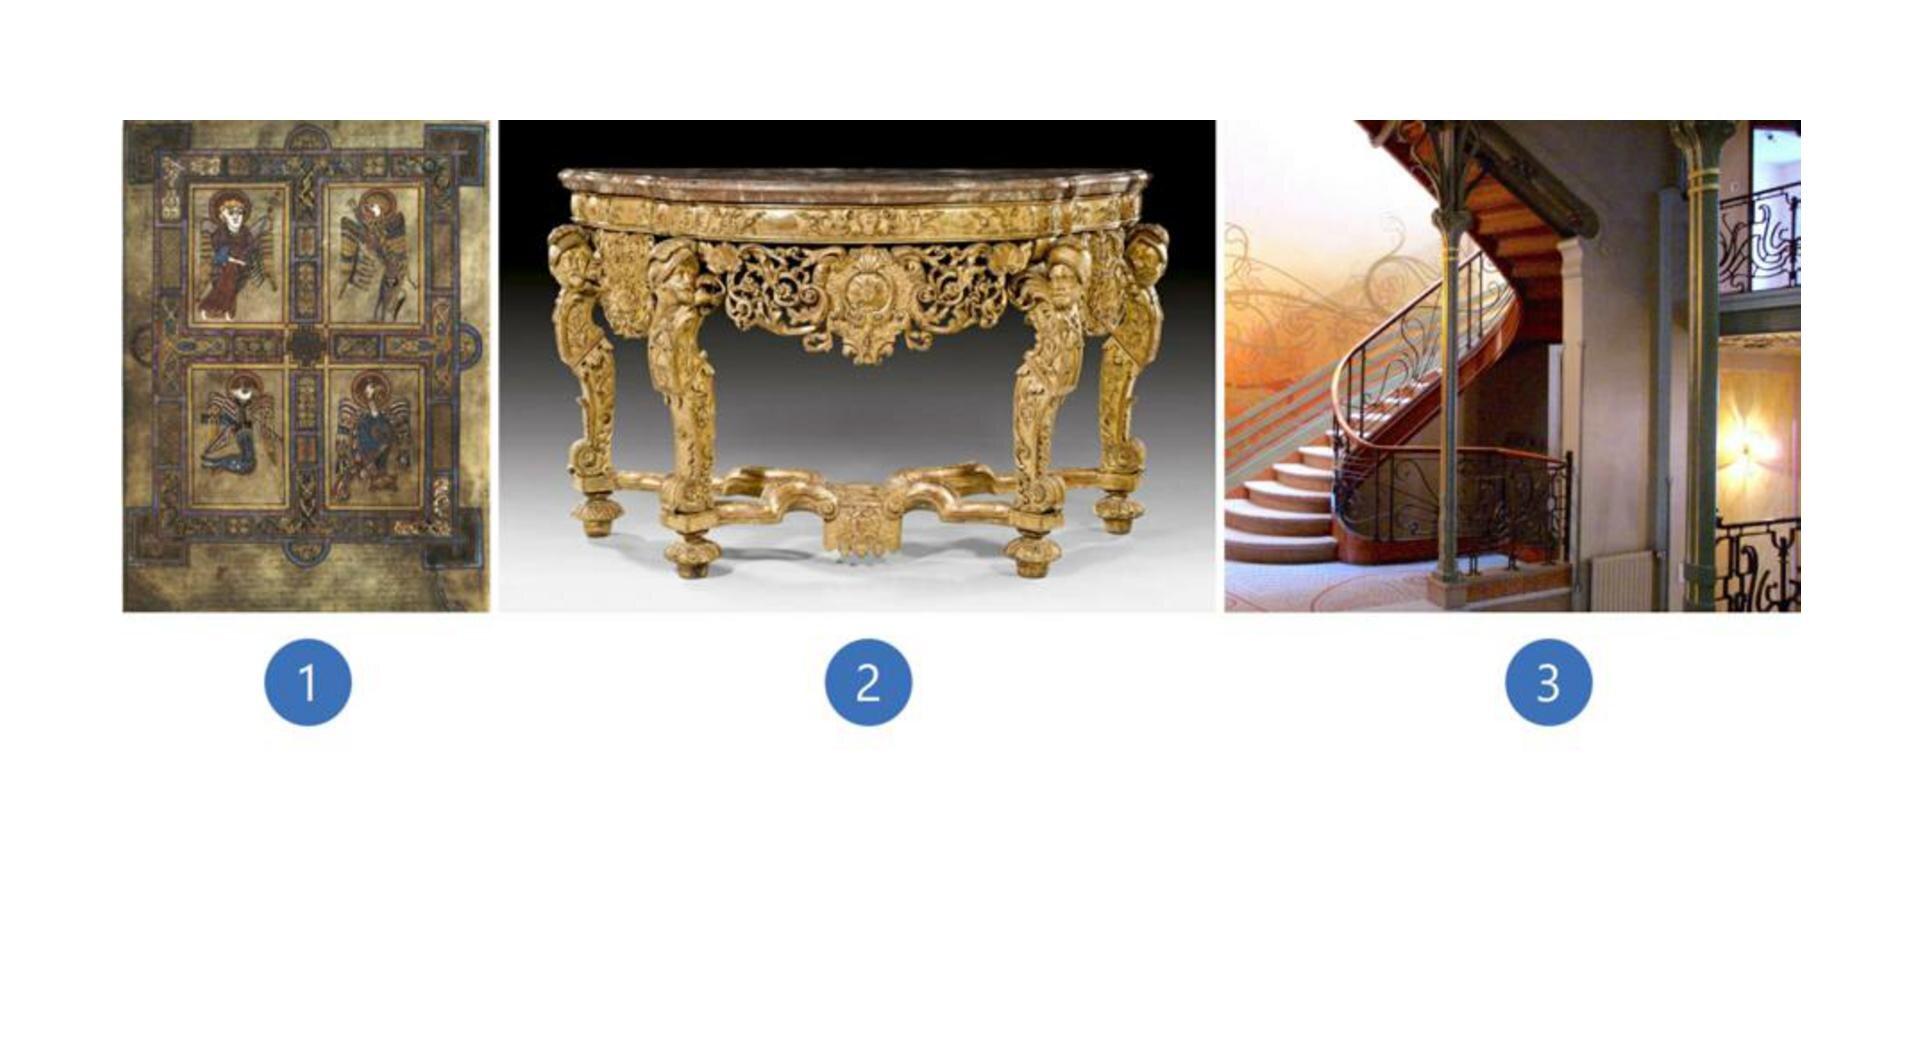 Wzadaniu wykorzystano trzy zdjęcia, które przedstawiają: stronę zKsięgi zKells - na fotografii są symbole czterech ewangelistów, stolik wstylu Ludwika XIV - mebel charakteryzuje się ornamentowymi wzorowaniami, są to głównie motywy roślinne ikwiatowe, klatkę schodową Hotelu Tassel wBrukseli.